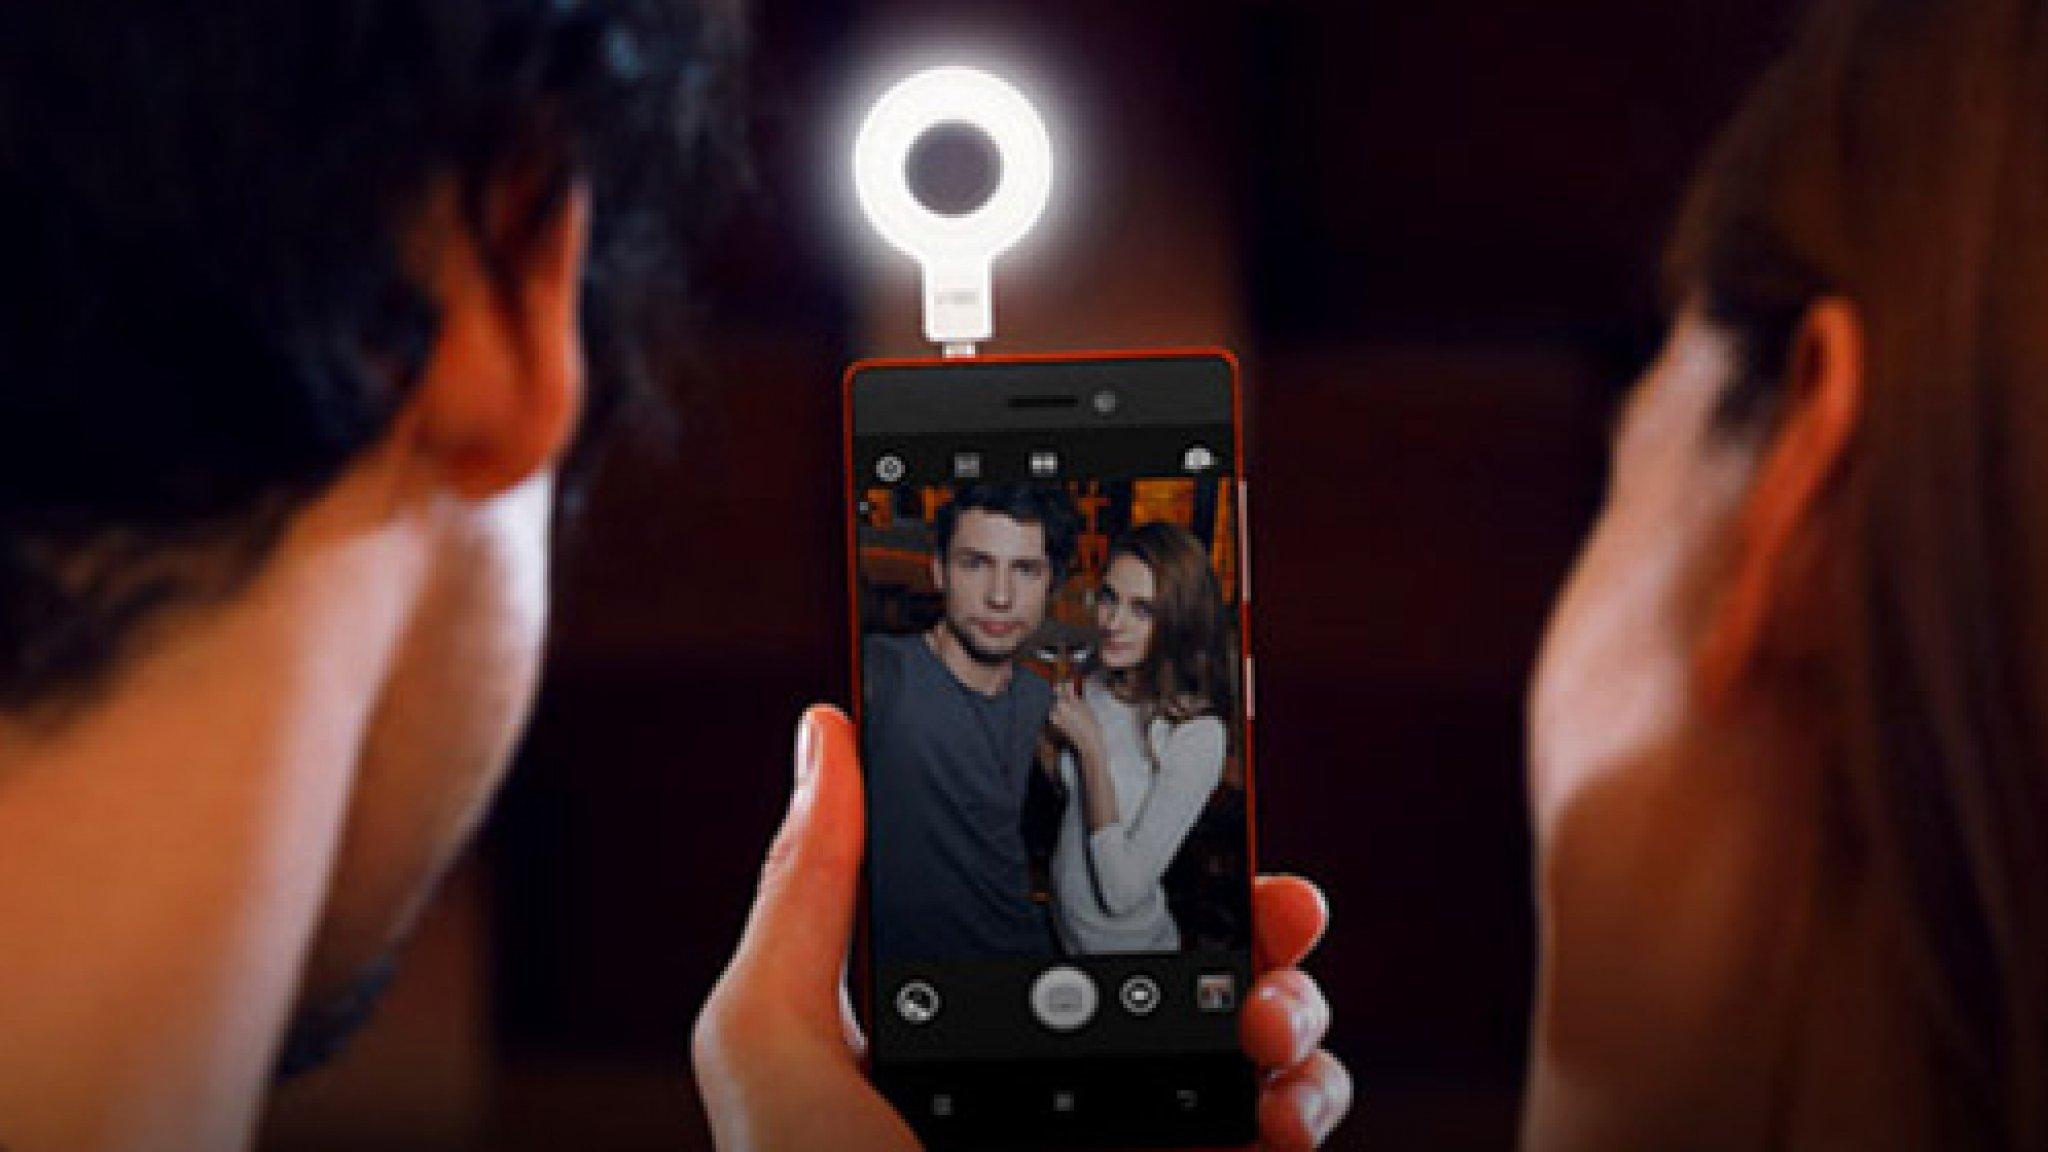 той фото в темноте на айфоне скрап-бумаги